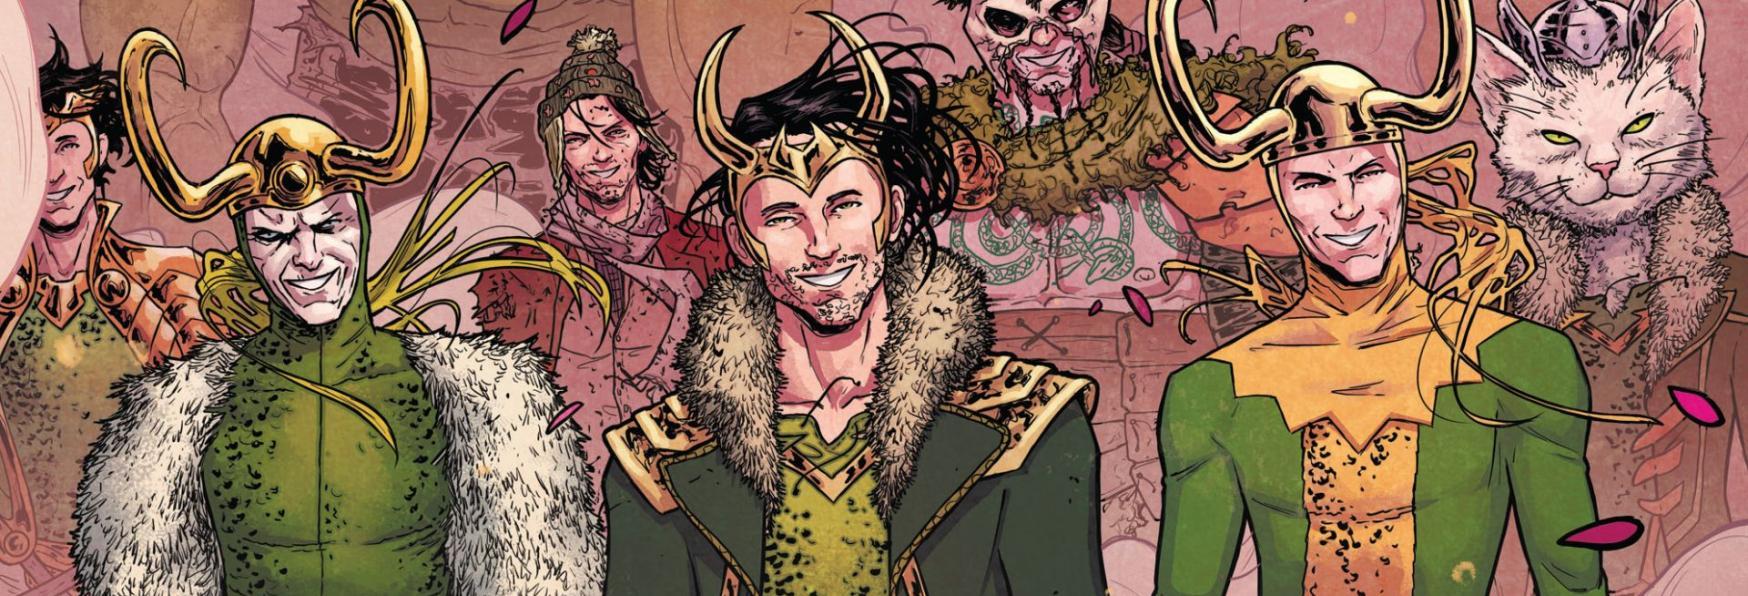 Identità e Accettazione - Le parole di Tom Hiddleston sulle Varianti di Loki